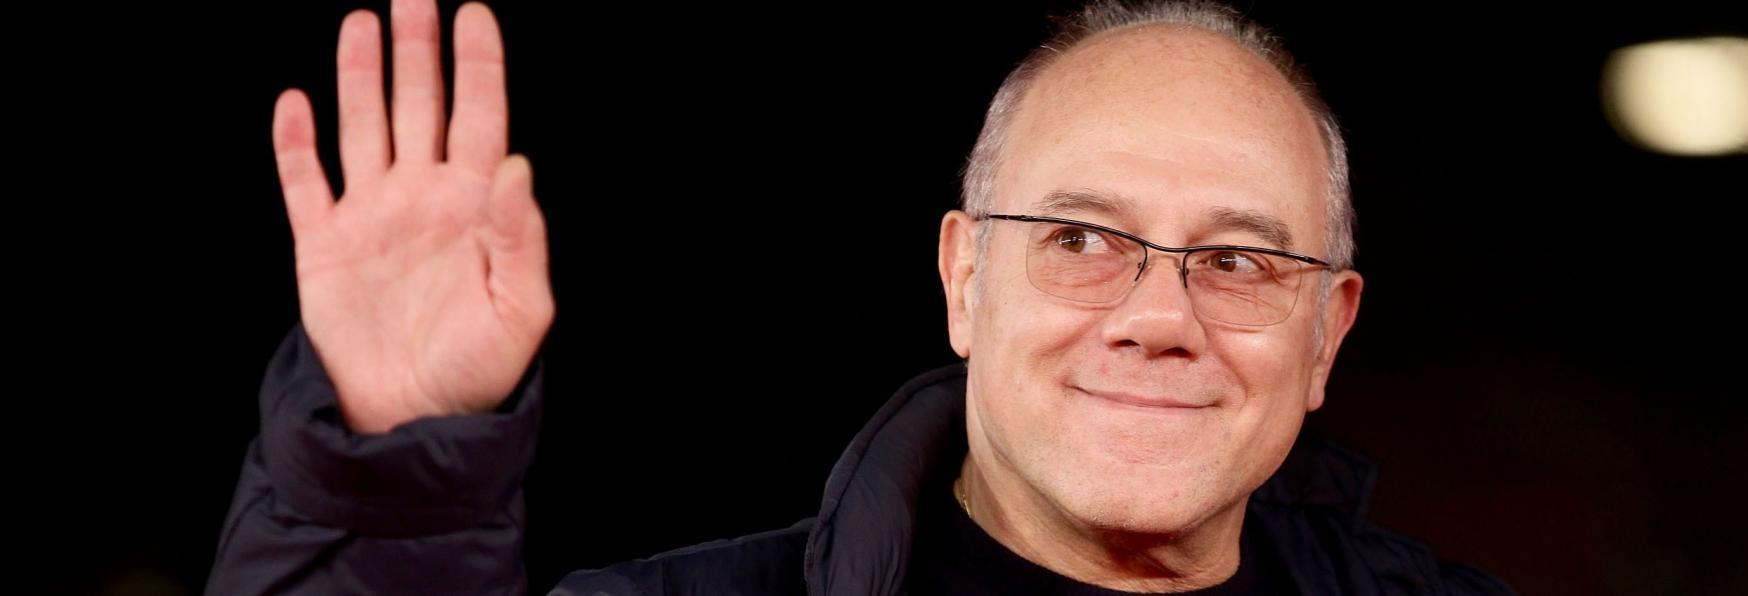 Vita da Carlo: annunciata la Serie TV su Carlo Verdone targata Amazon